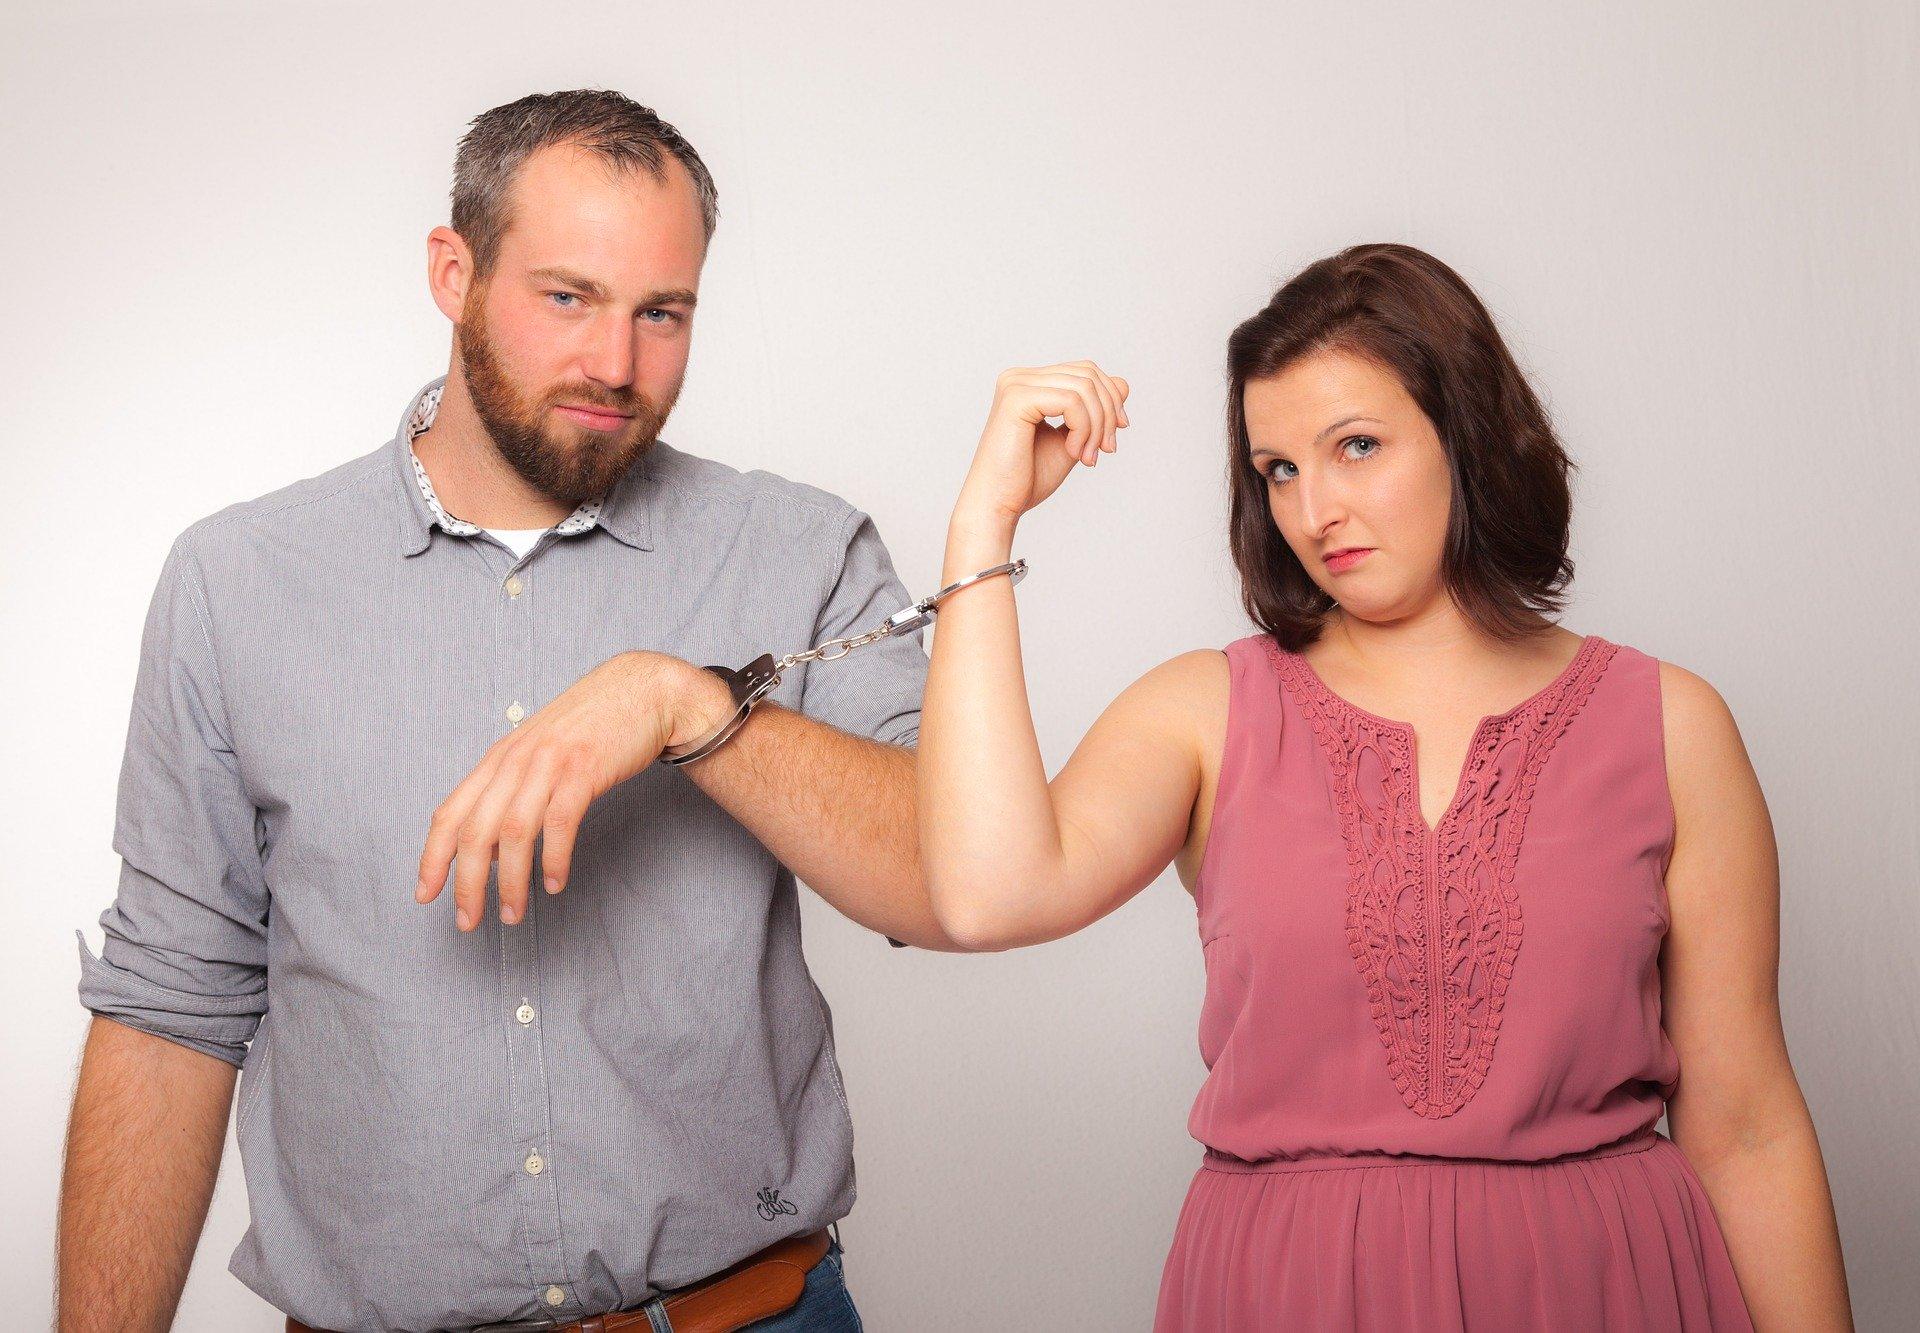 Miles de abogados se frotan las manos ante la avalancha de divorcios que se avecina